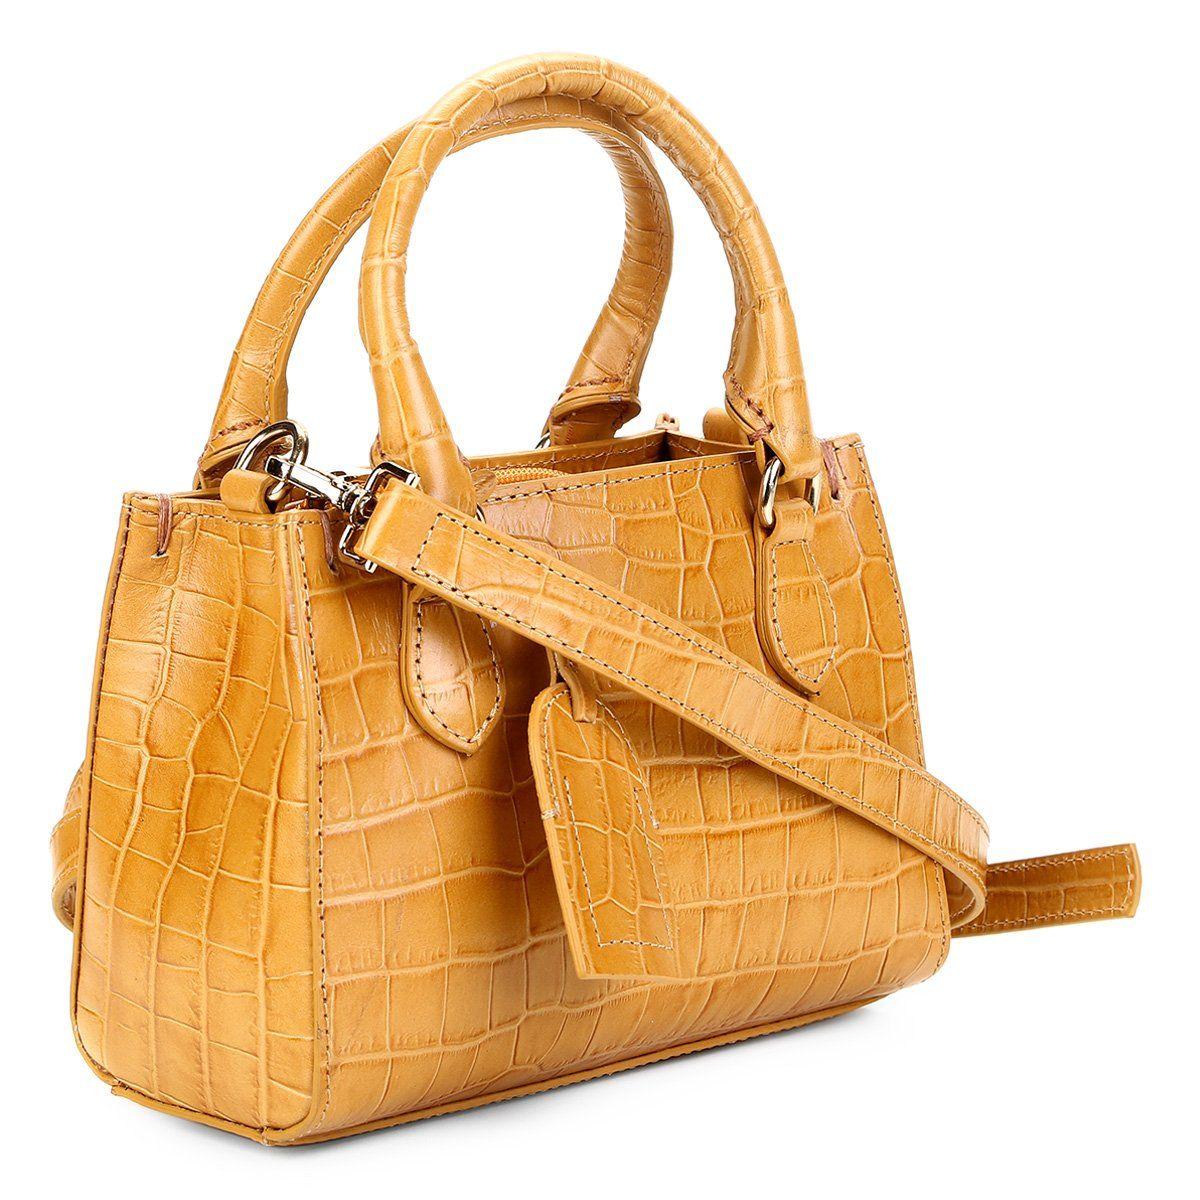 dff866448f Bolsa Couro Shoestock Transversal Croco Feminina - Amarelo - Compre Agora